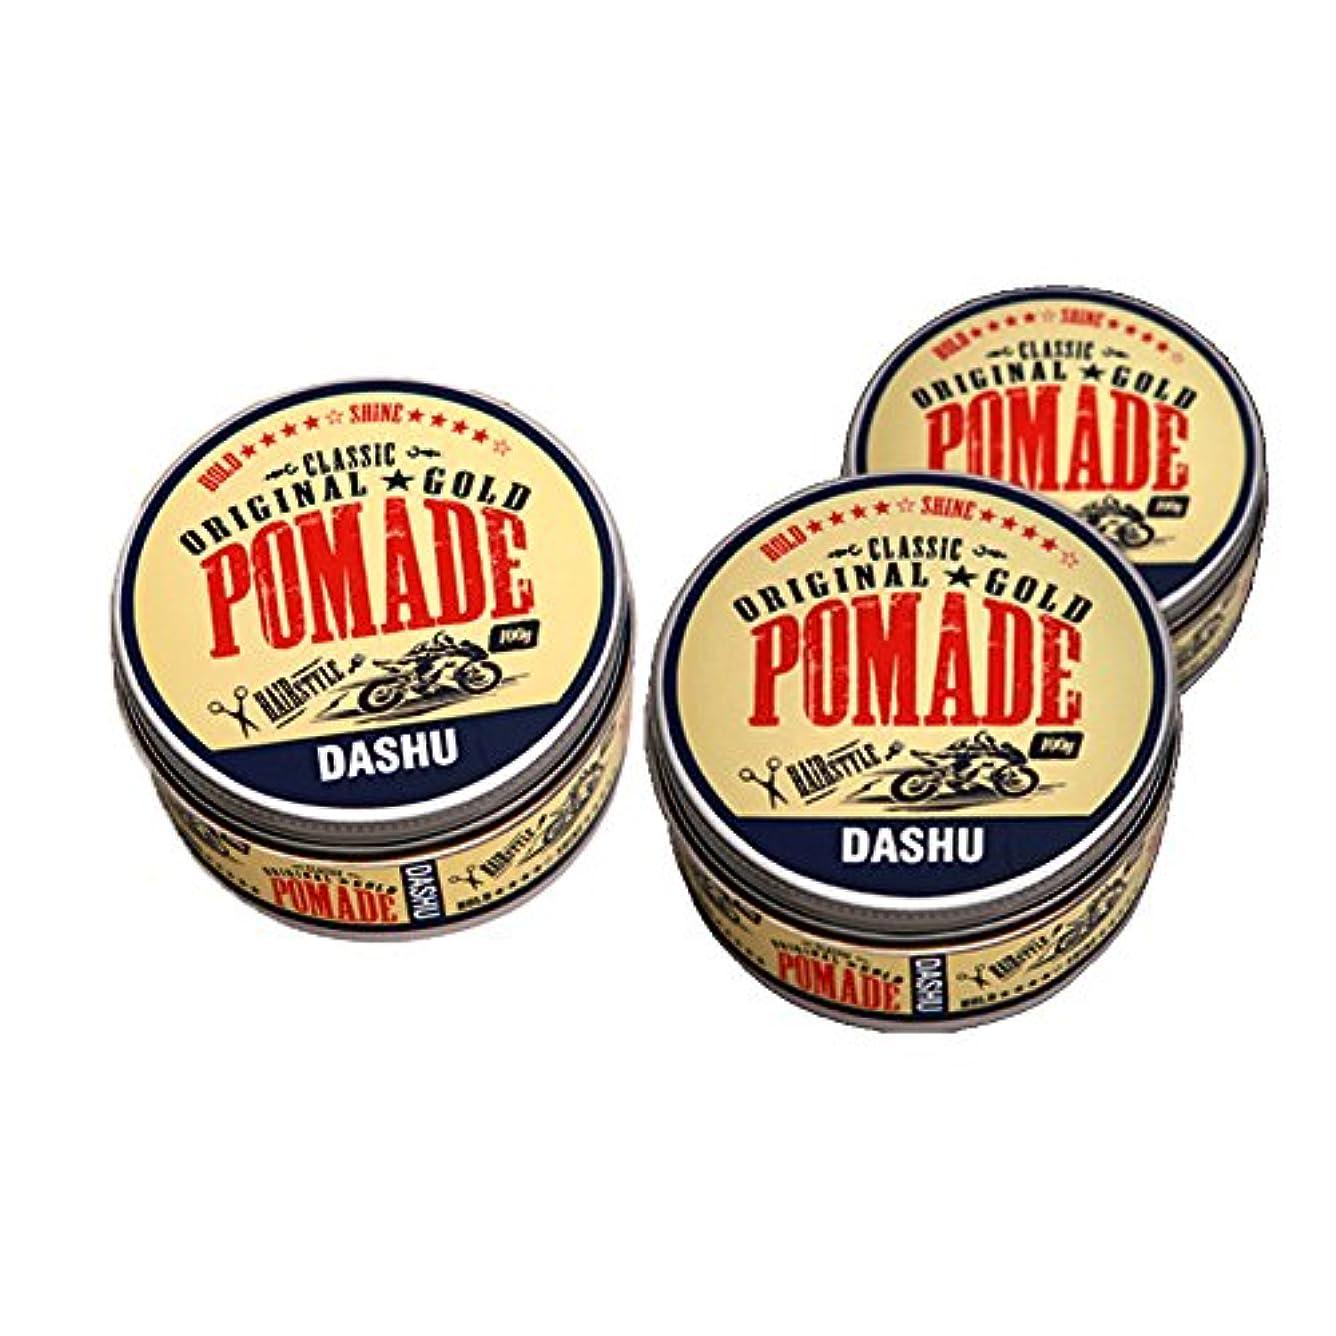 レルム華氏許可(3個セット) x [DASHU] ダシュ クラシックオリジナルゴールドポマードヘアワックス Classic Original Gold Pomade Hair Wax 100ml / 韓国製 . 韓国直送品